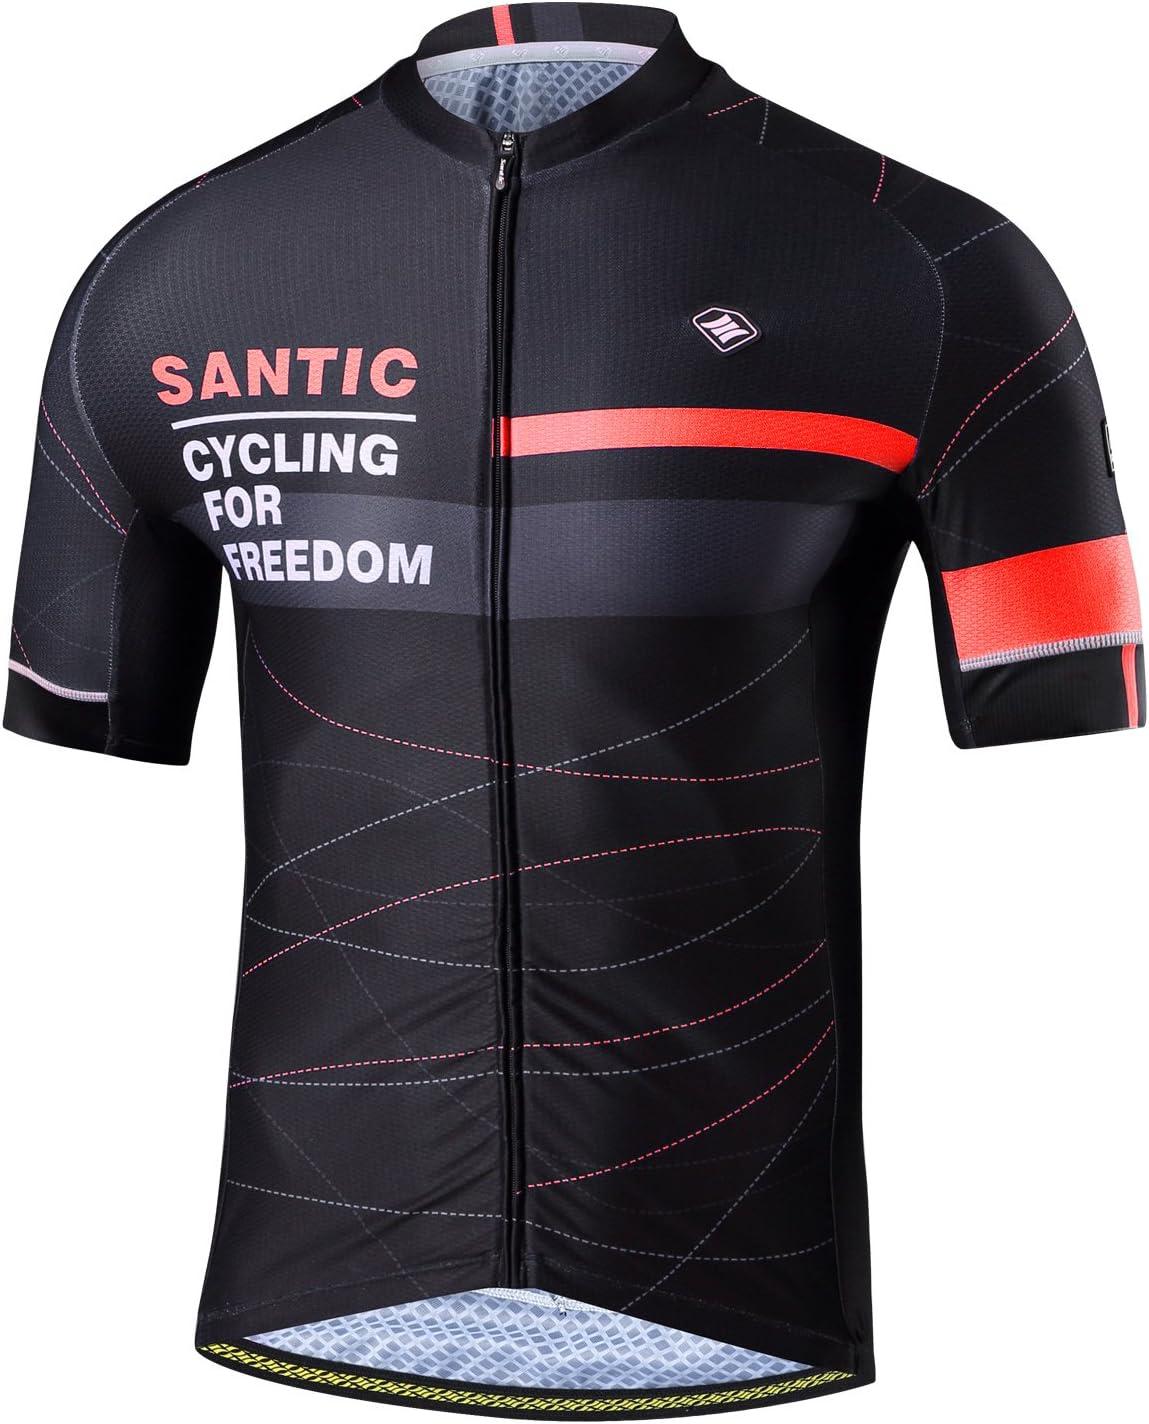 Santic Maillot Ciclista Hombre Top Ciclismo Bicicleta Bici Transpirable Secado Rápido Reflectante Jersey Ciclista Yorkson